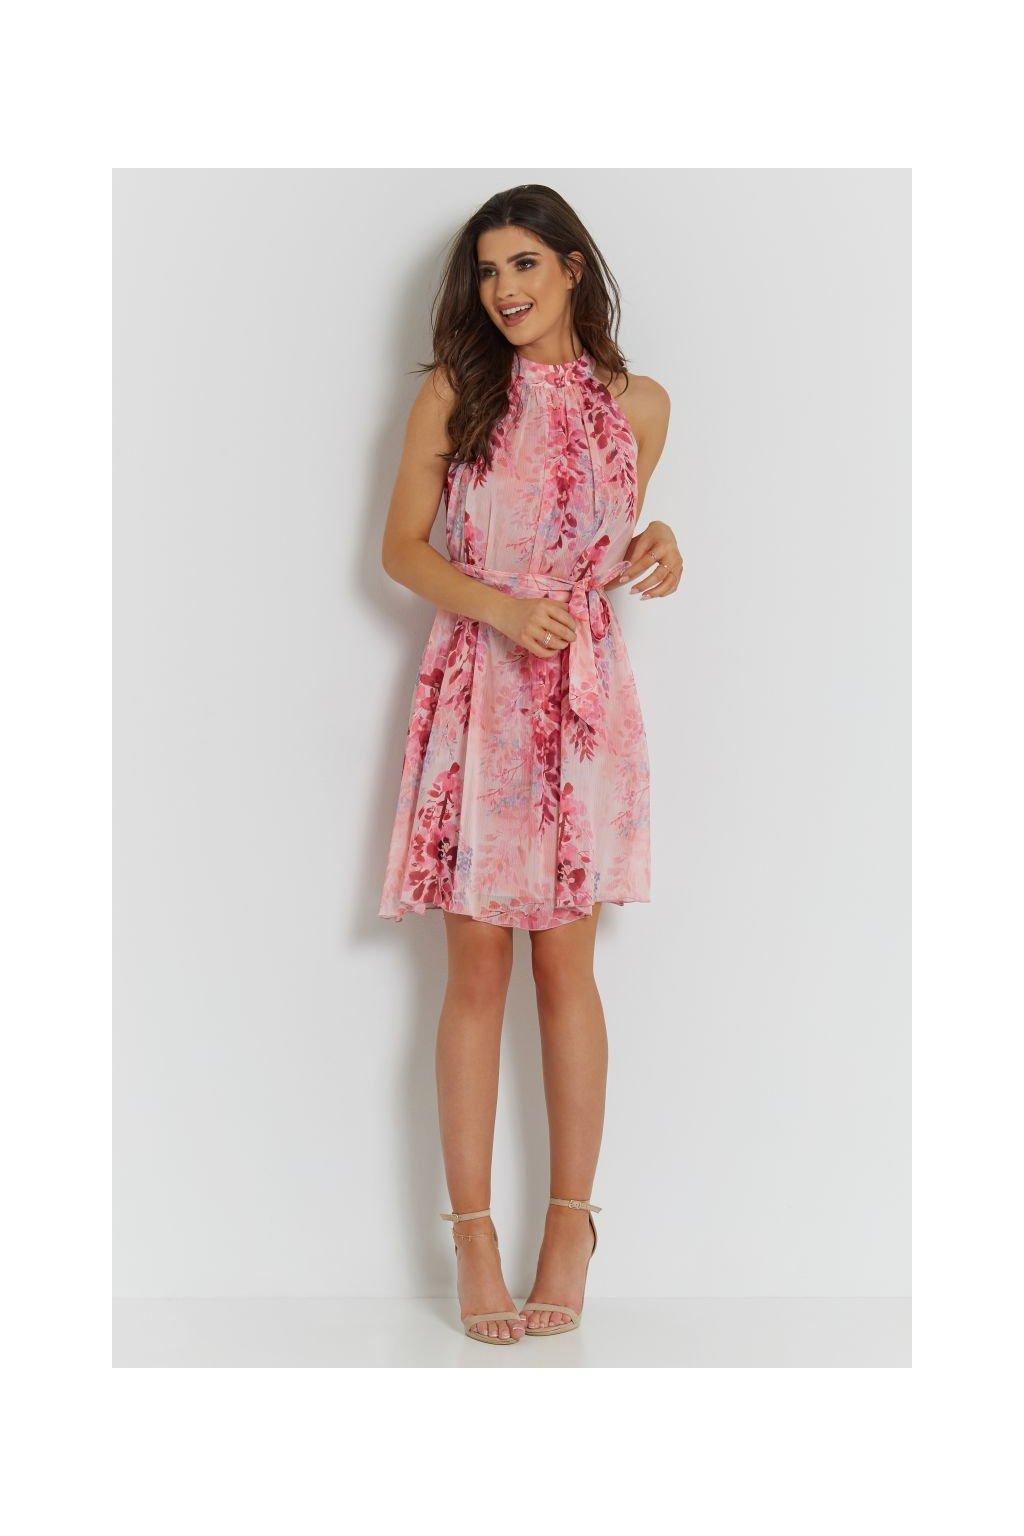 sukienka 281 LIV różowy (8)